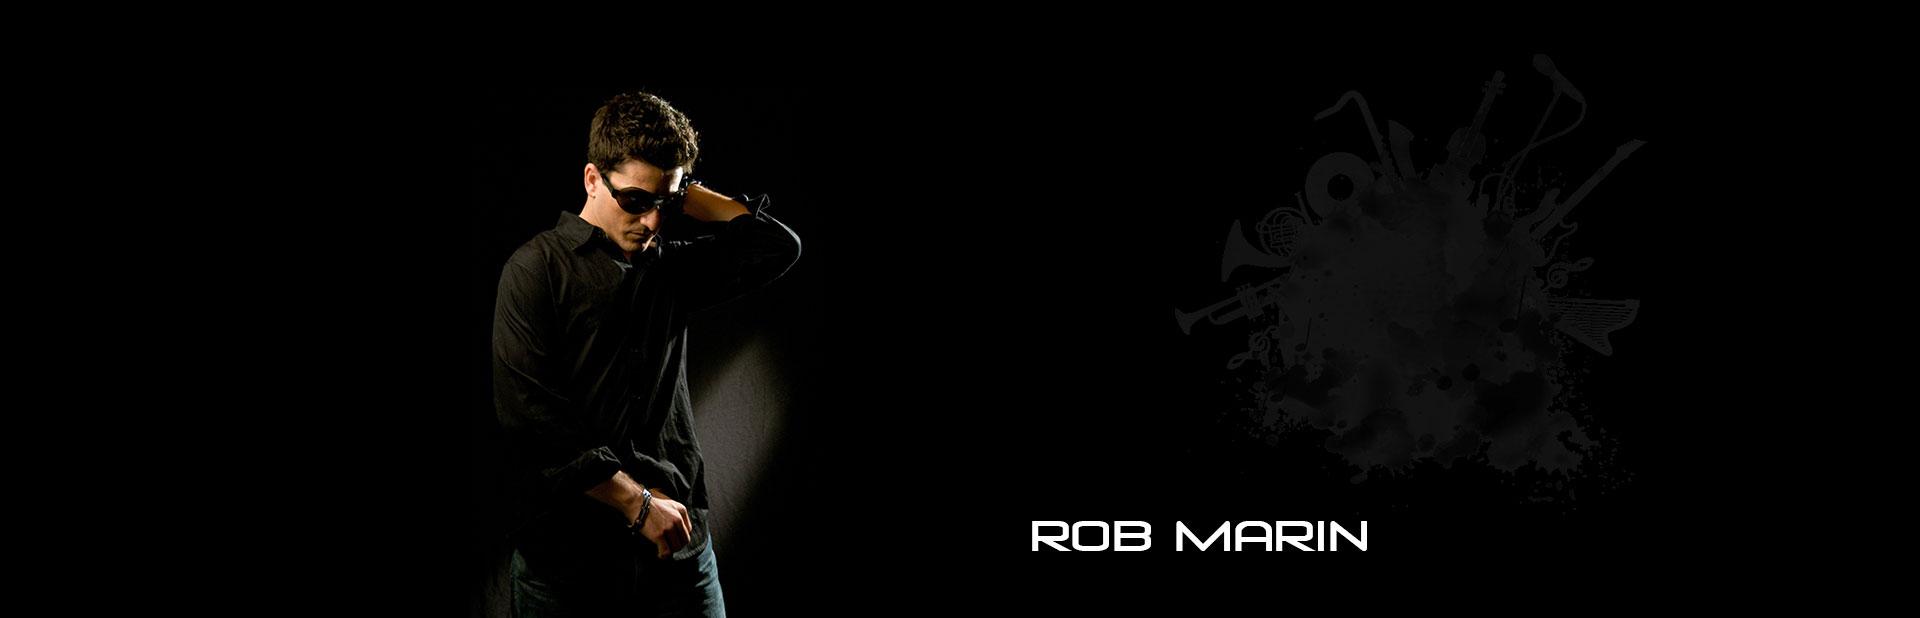 Rob Marin